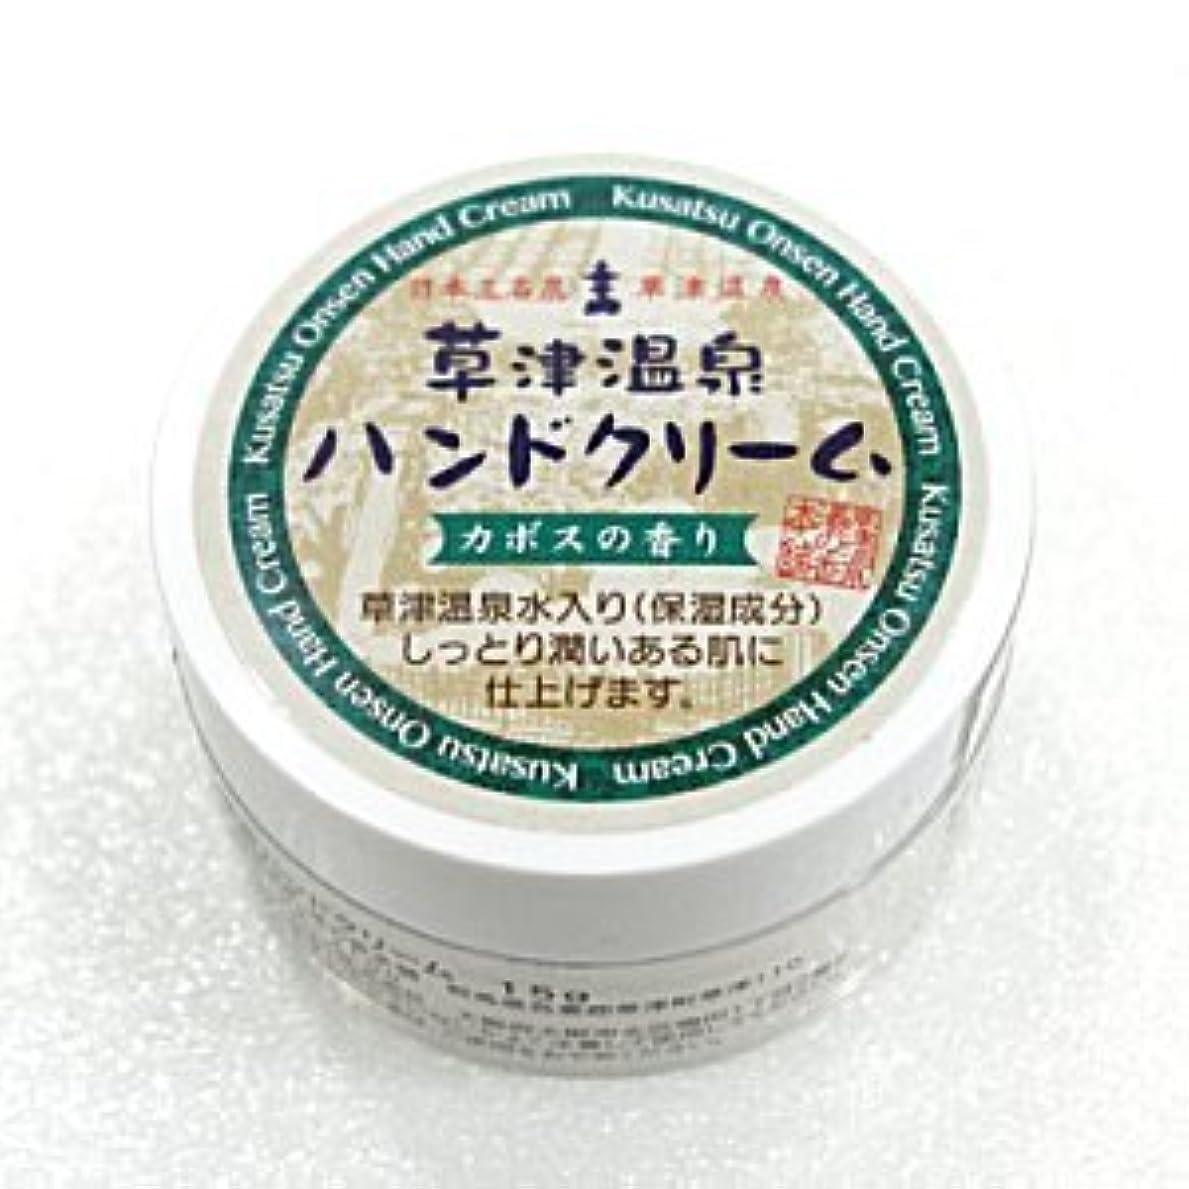 マットゲート襟草津温泉ハンドクリーム カボスの香り 15g